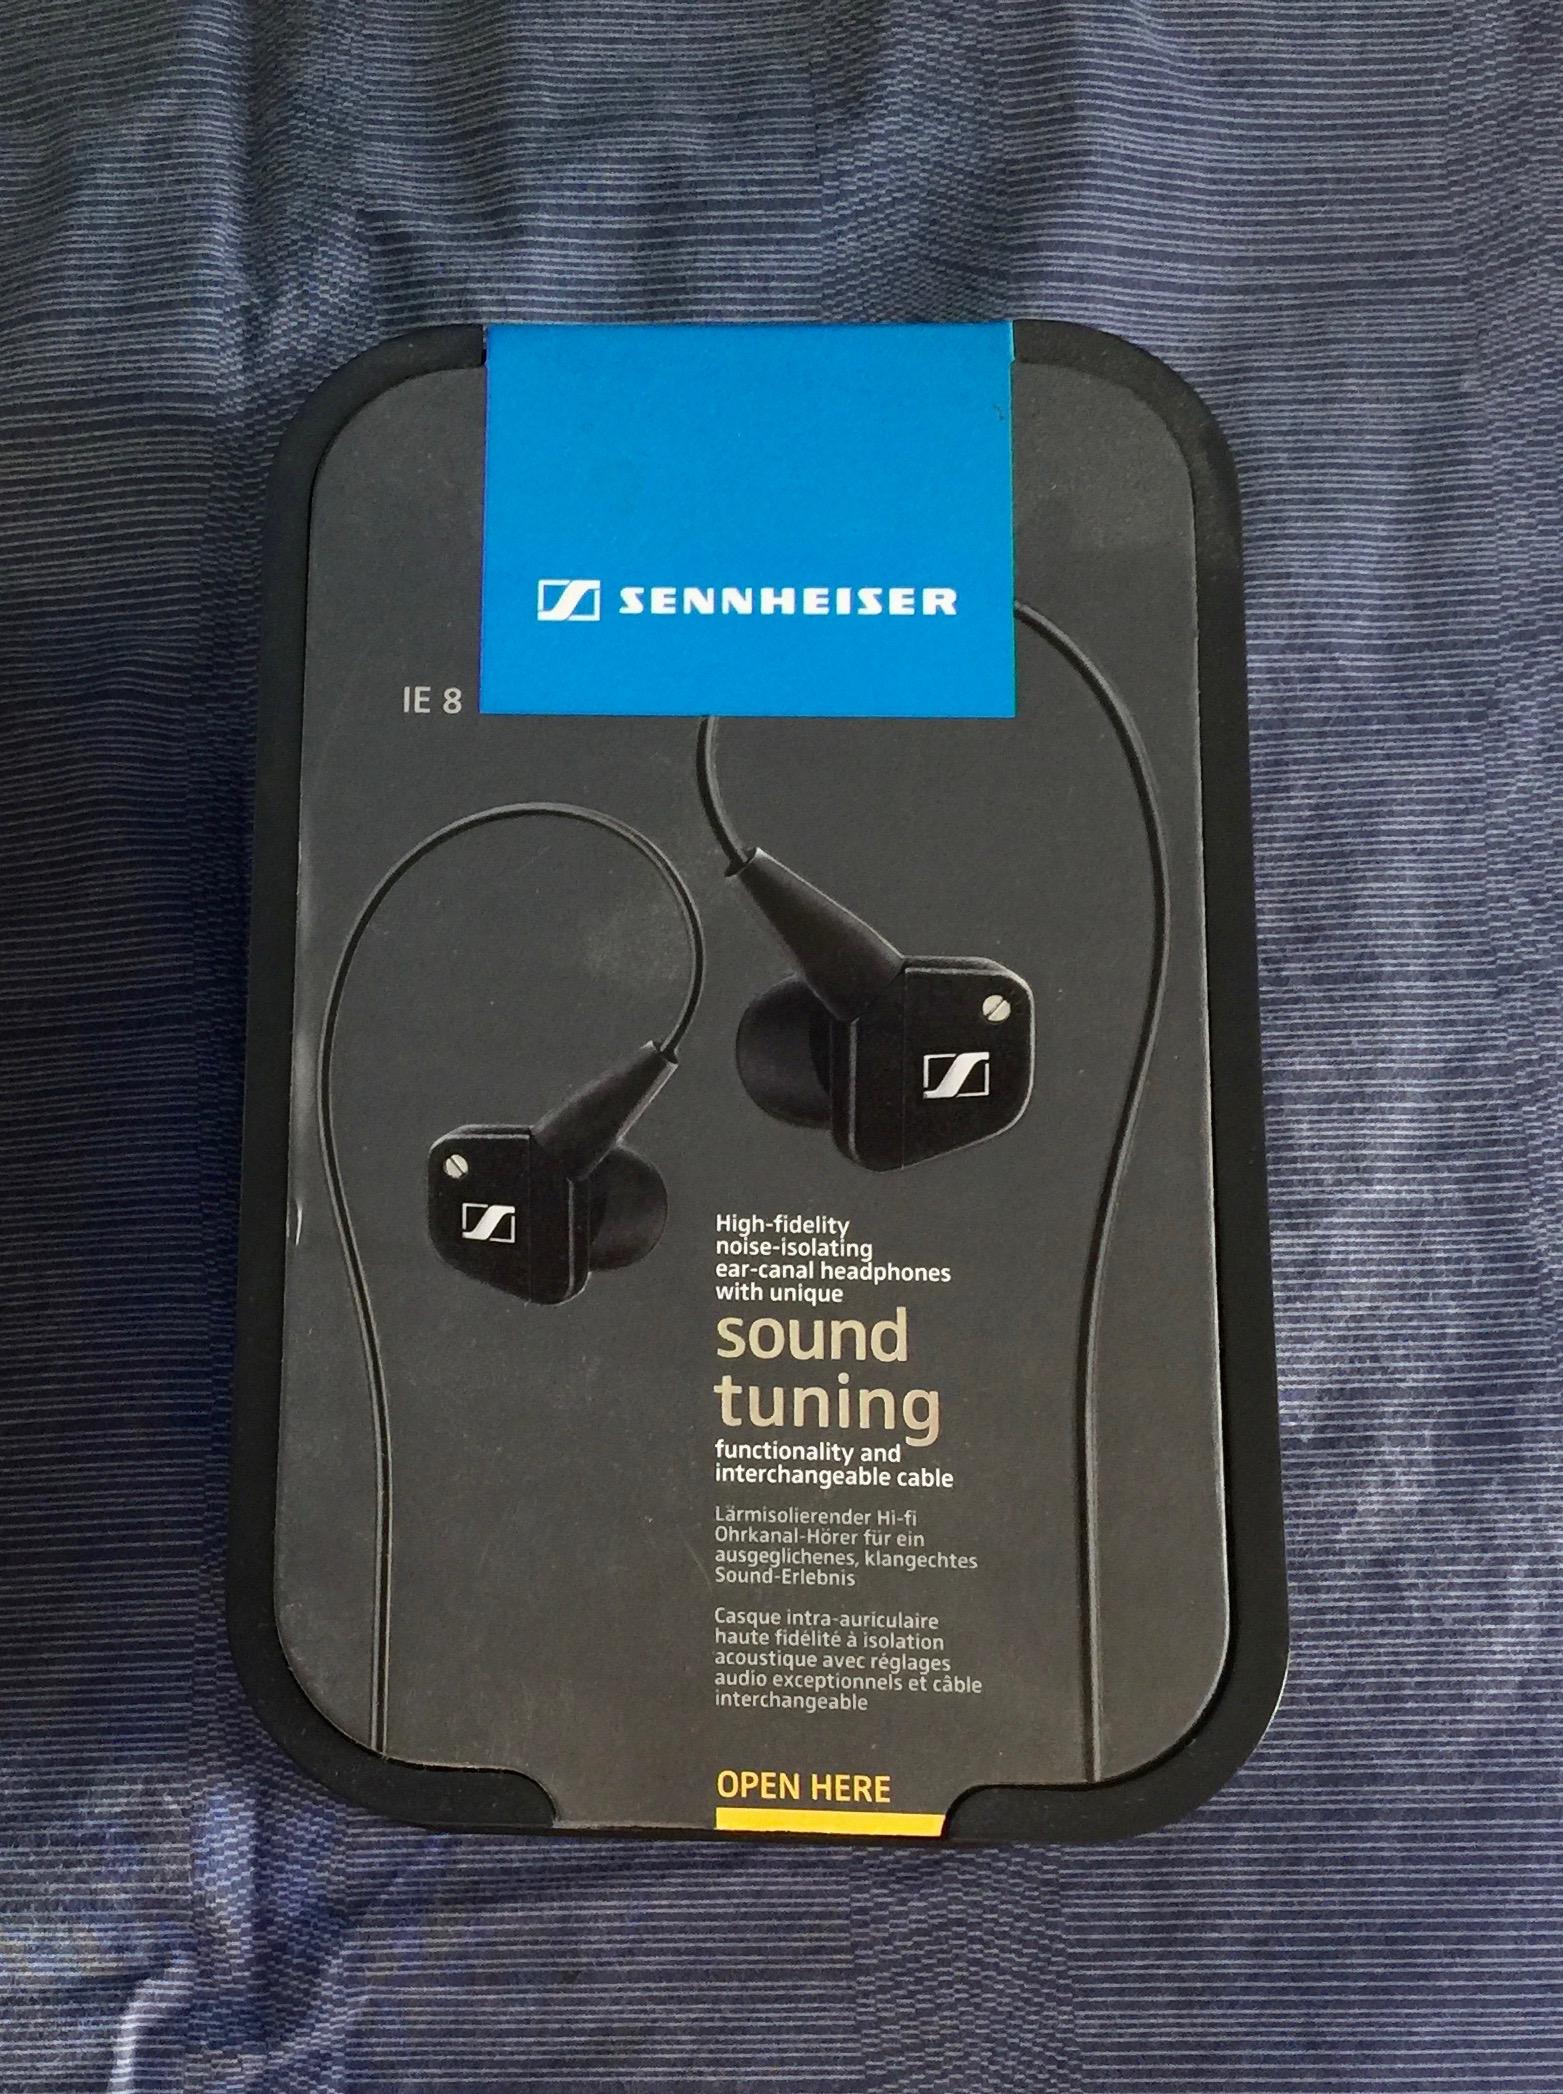 Sennheiser Ie 8 Earphones Iems Price Lowered Headphone Reviews